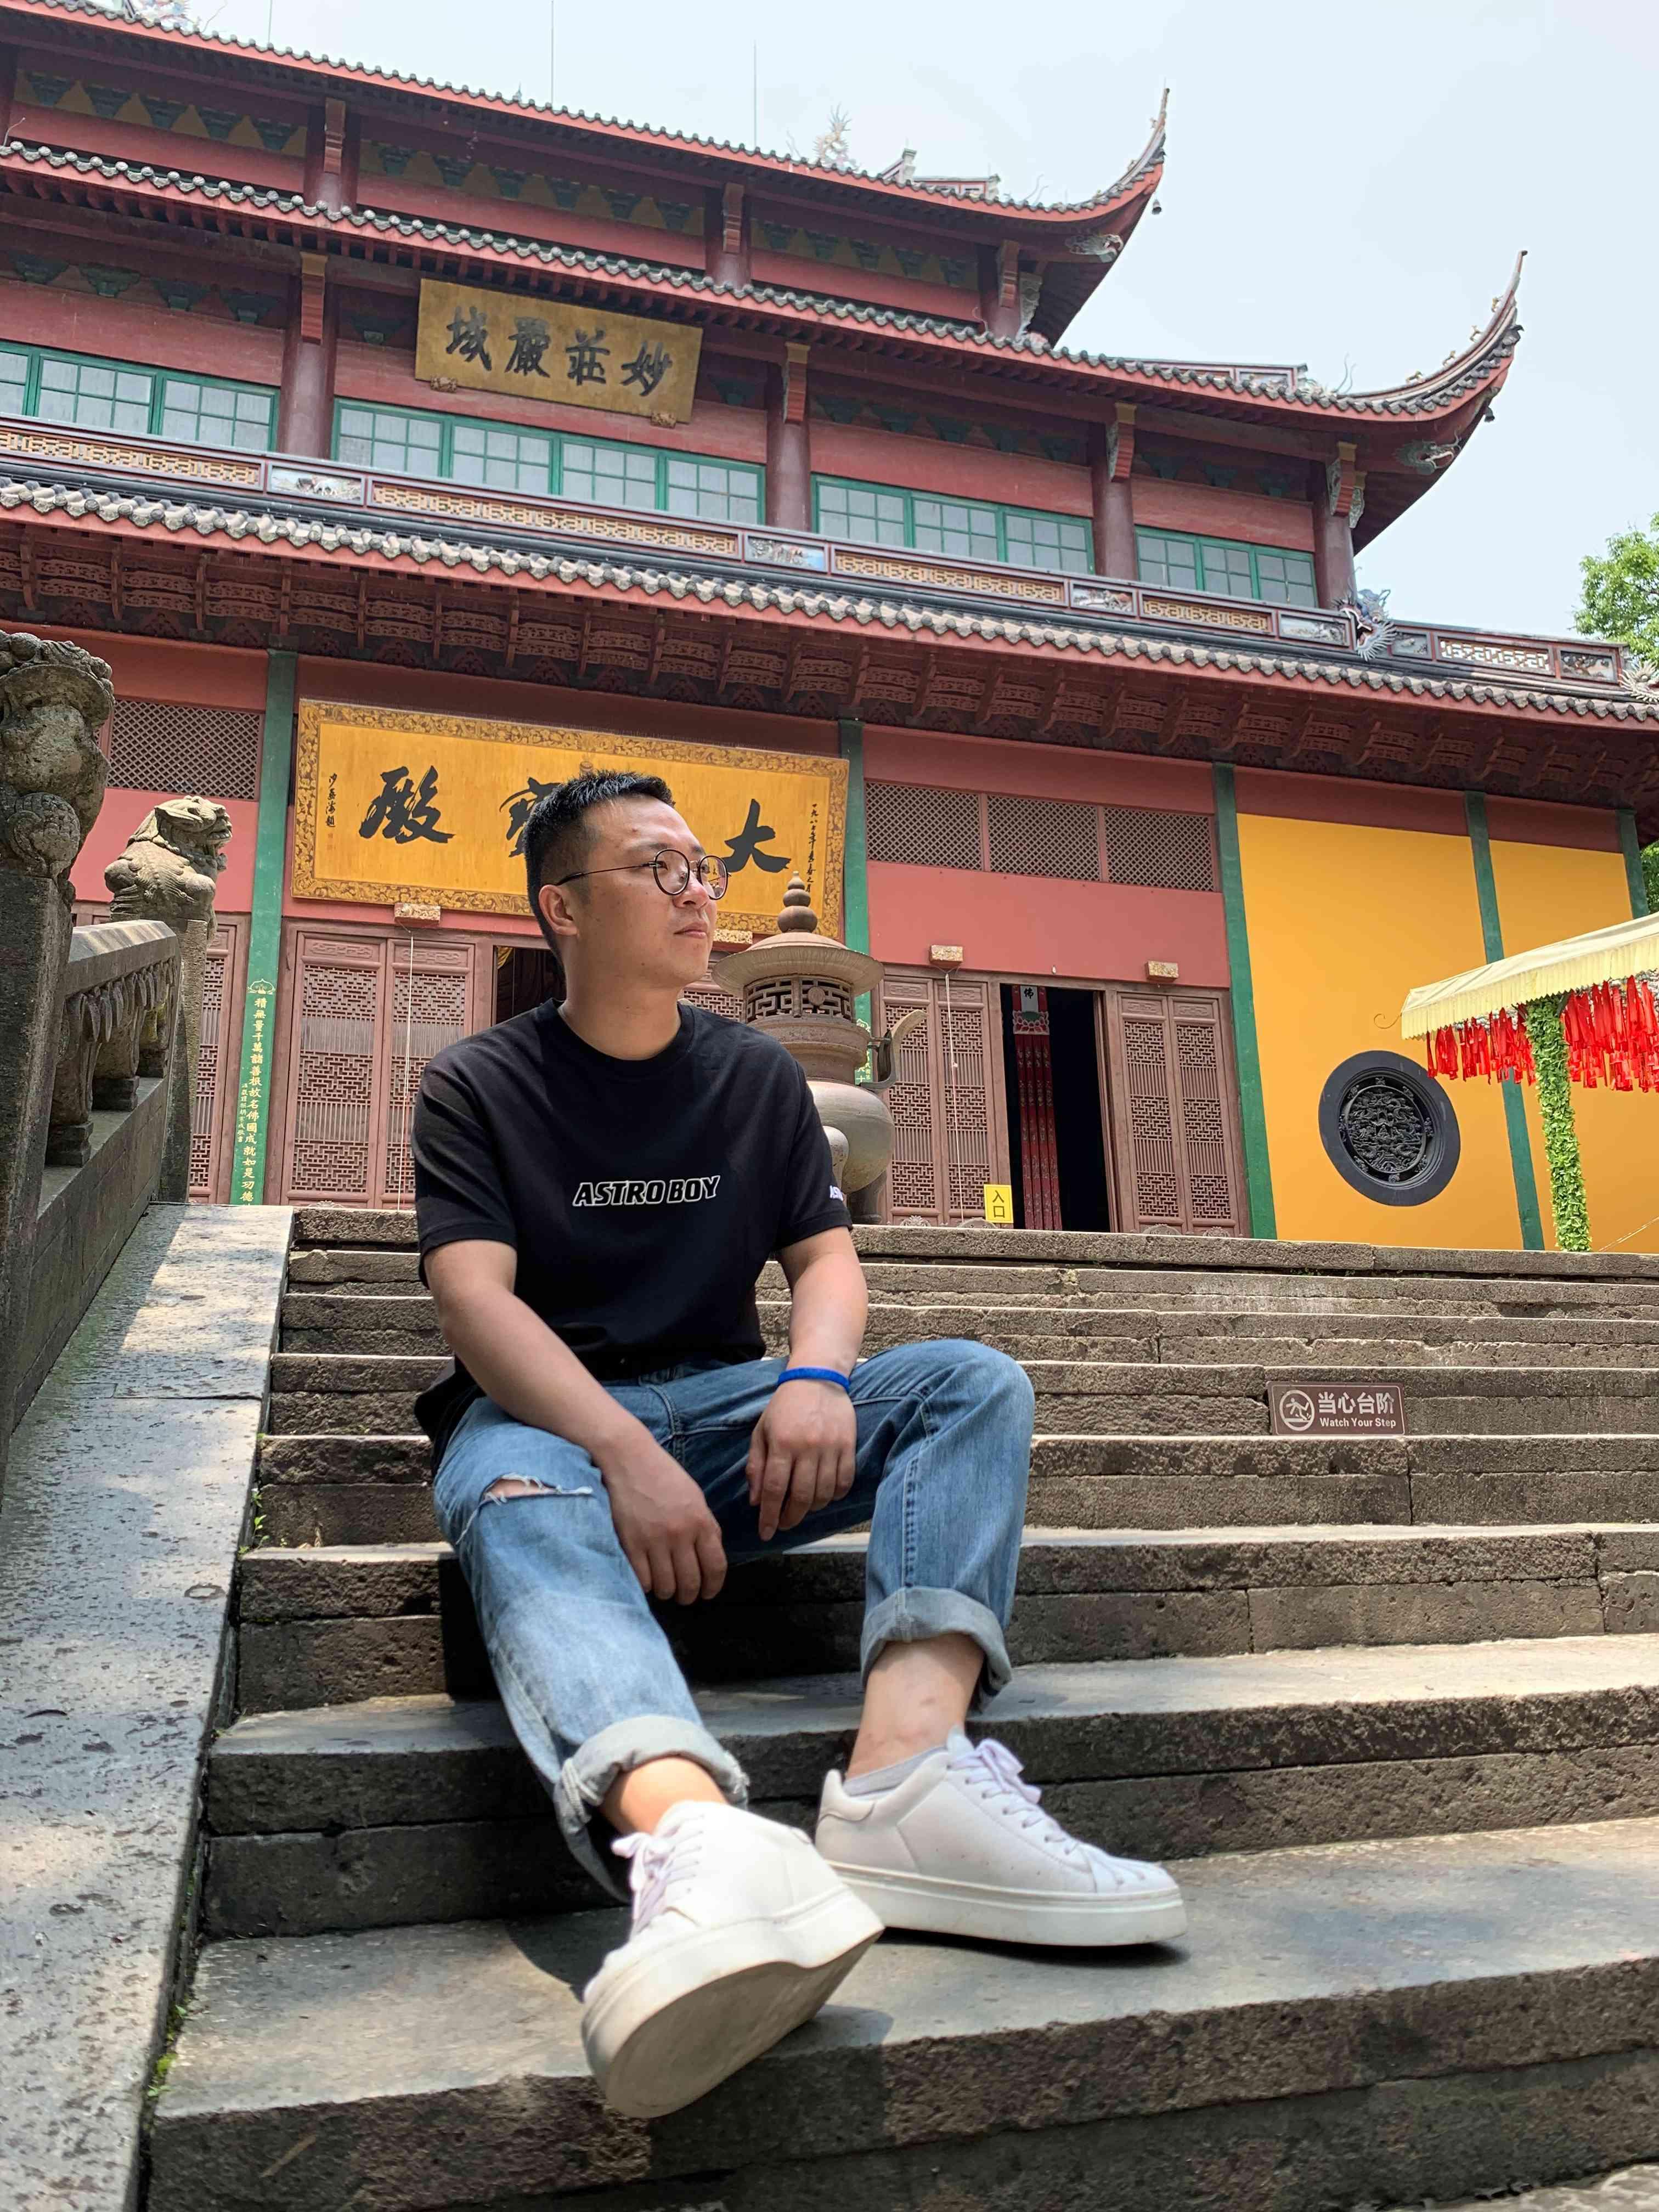 浙江杭州西湖区会员11056971